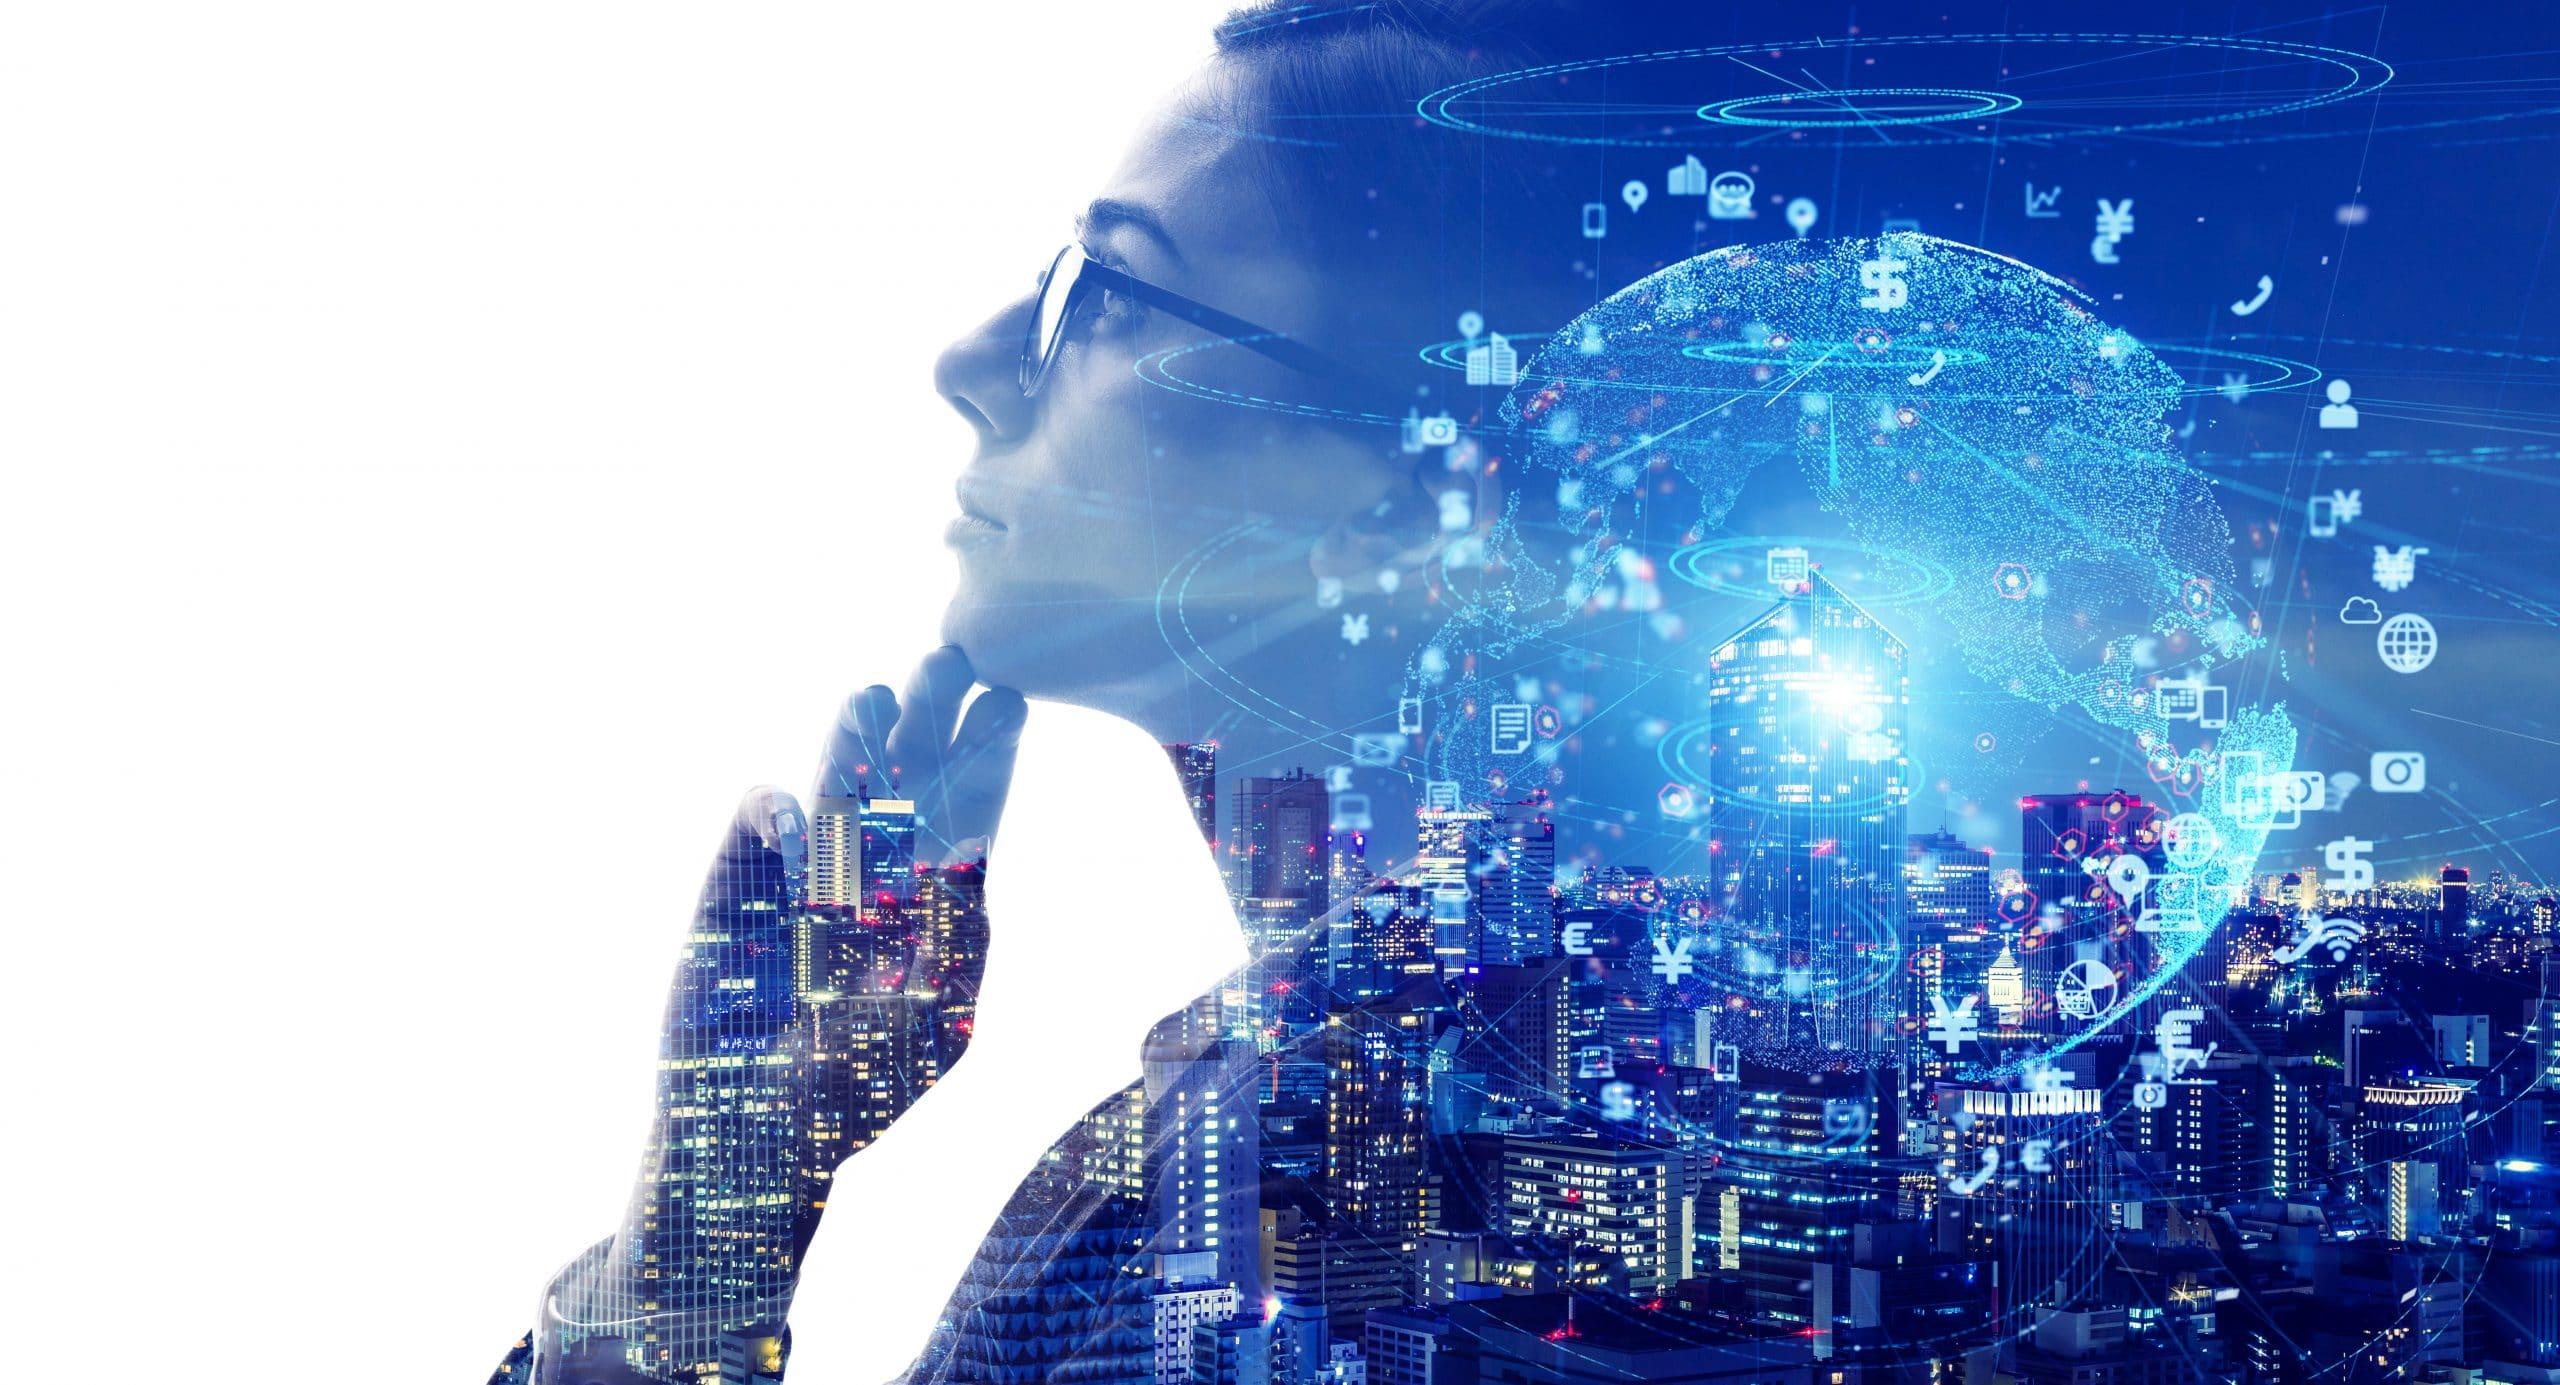 Accenture-Studie zur Nutzung digitaler Technologien